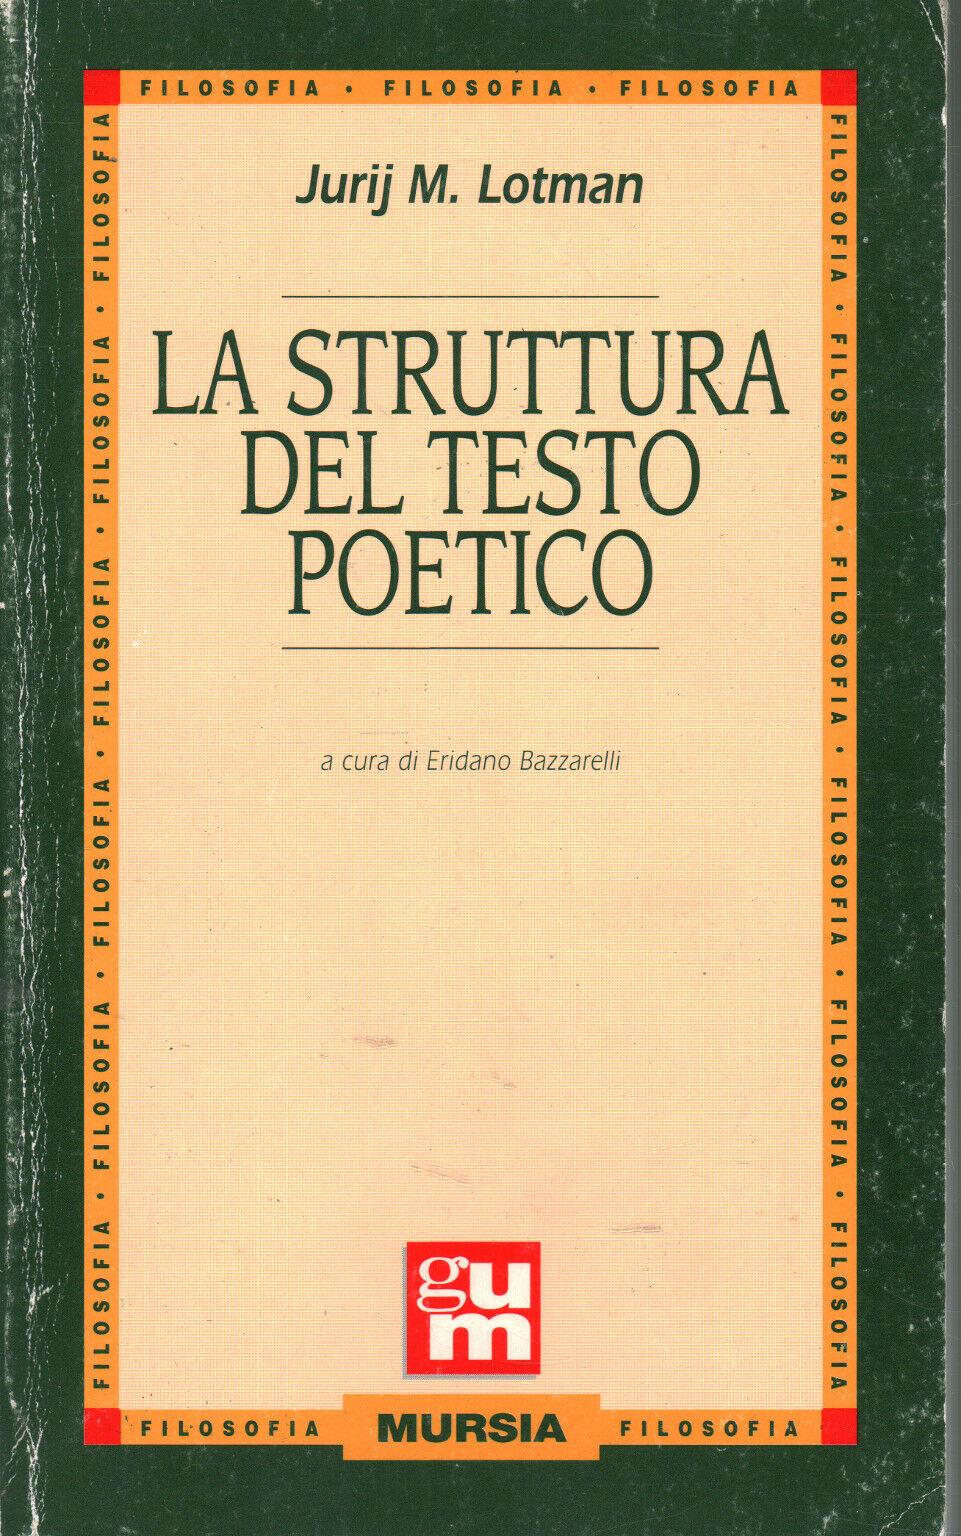 La struttura del testo poetico - Jurij M. Lotman (Mursia)